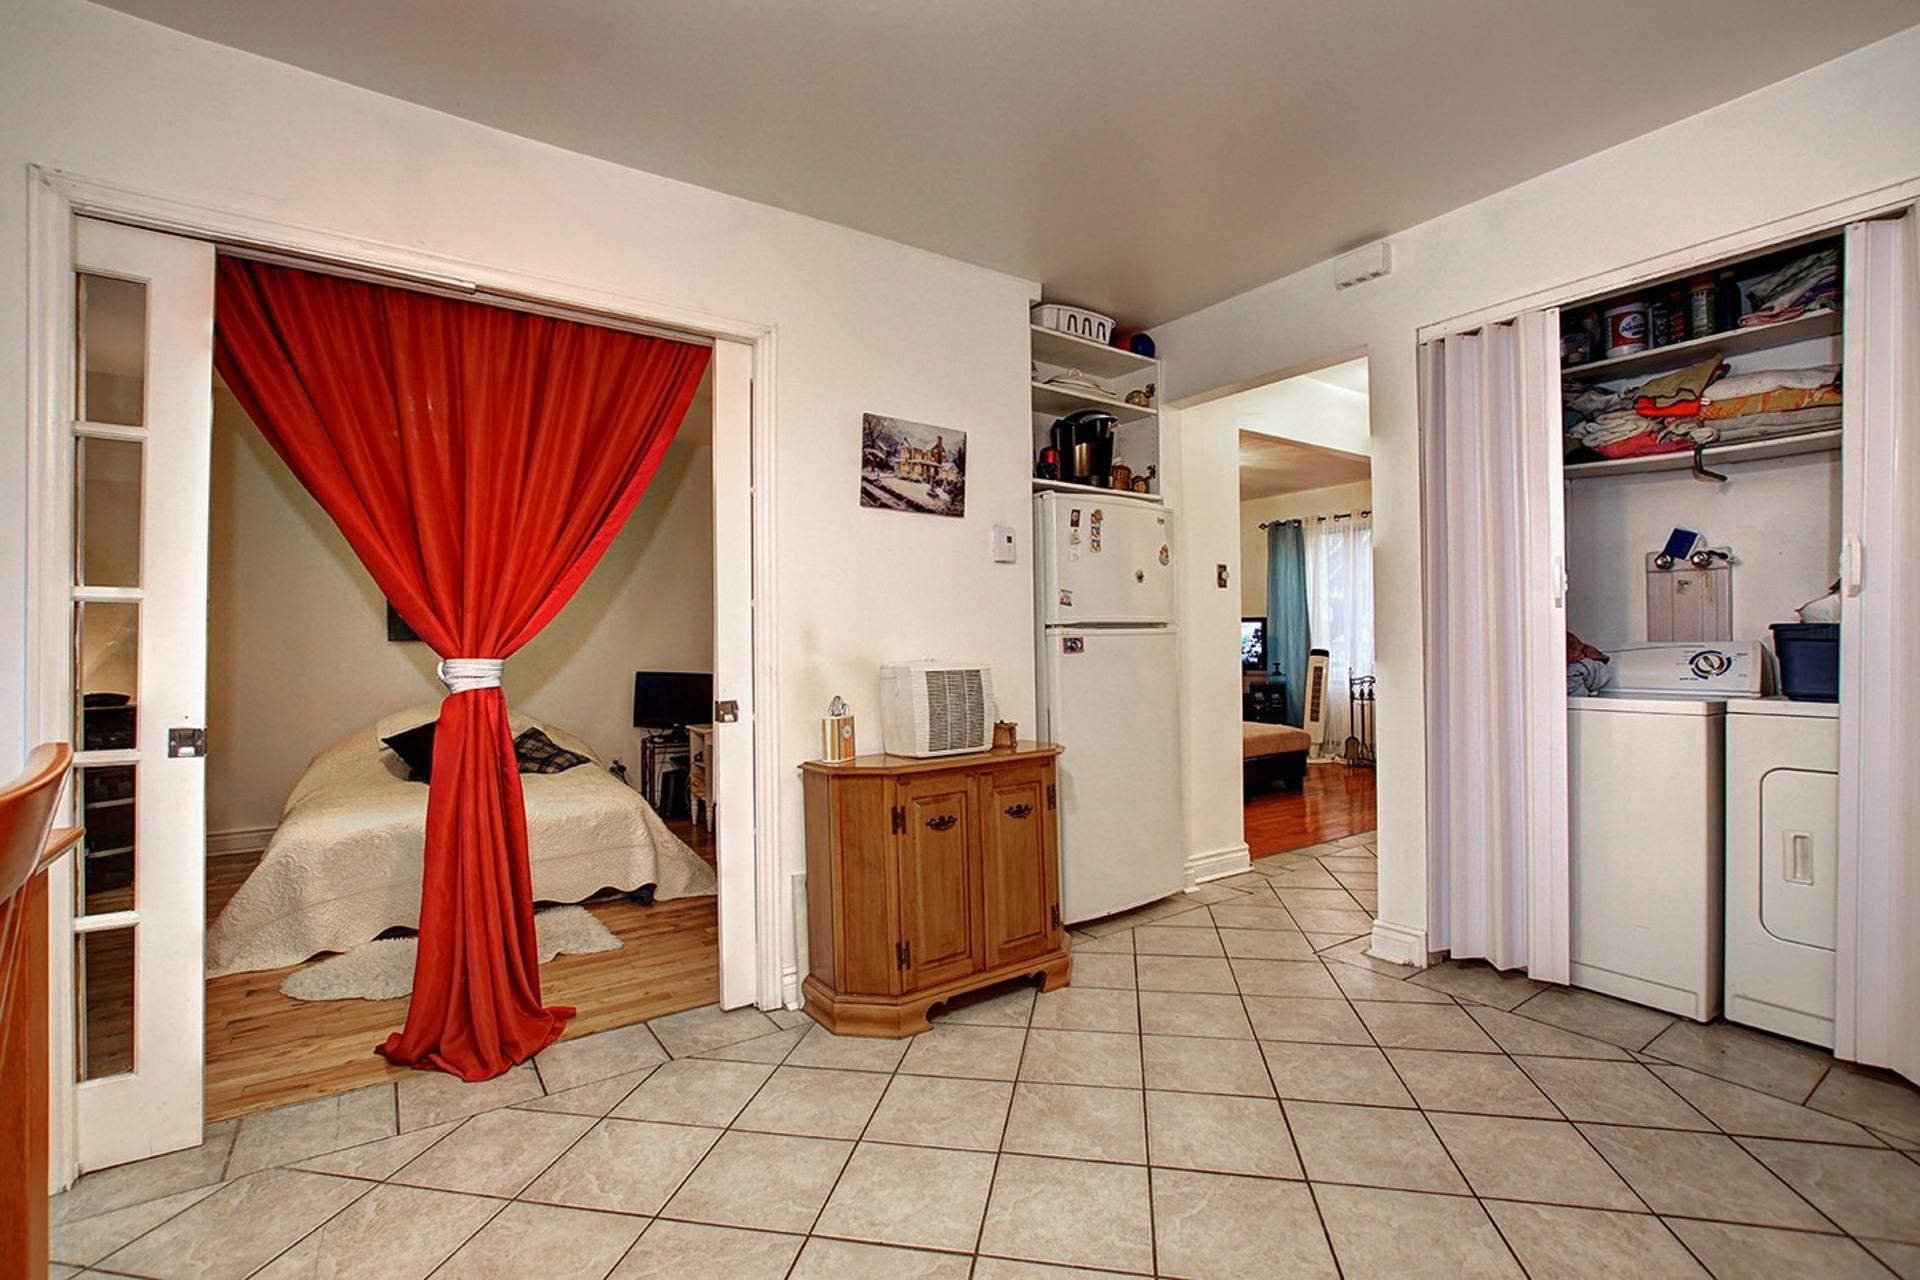 image 18 - Duplex For sale Rivière-des-Prairies/Pointe-aux-Trembles Montréal  - 4 rooms